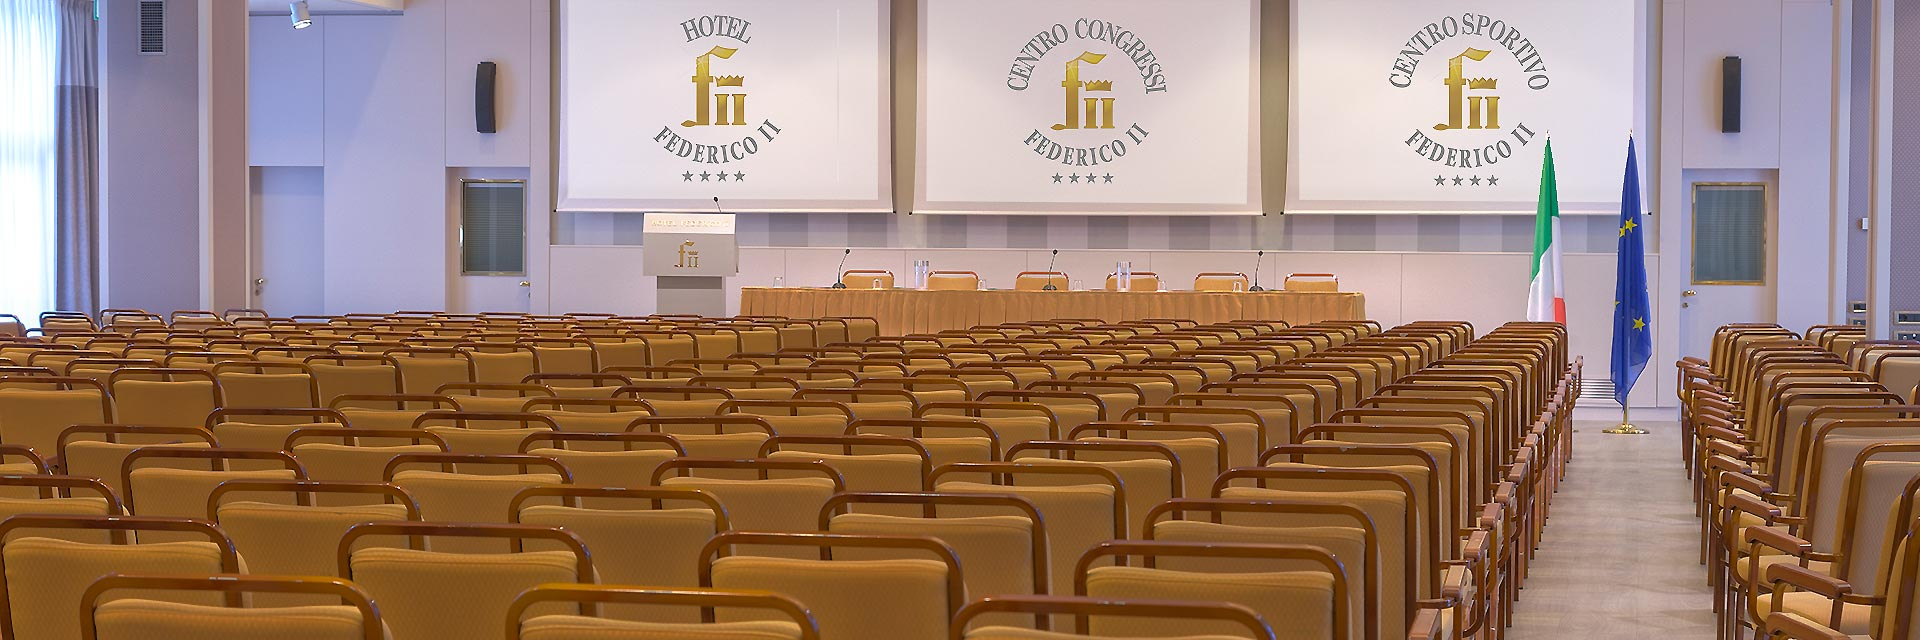 hf2-musicisti-congressi-ambienti-000-2018_V5